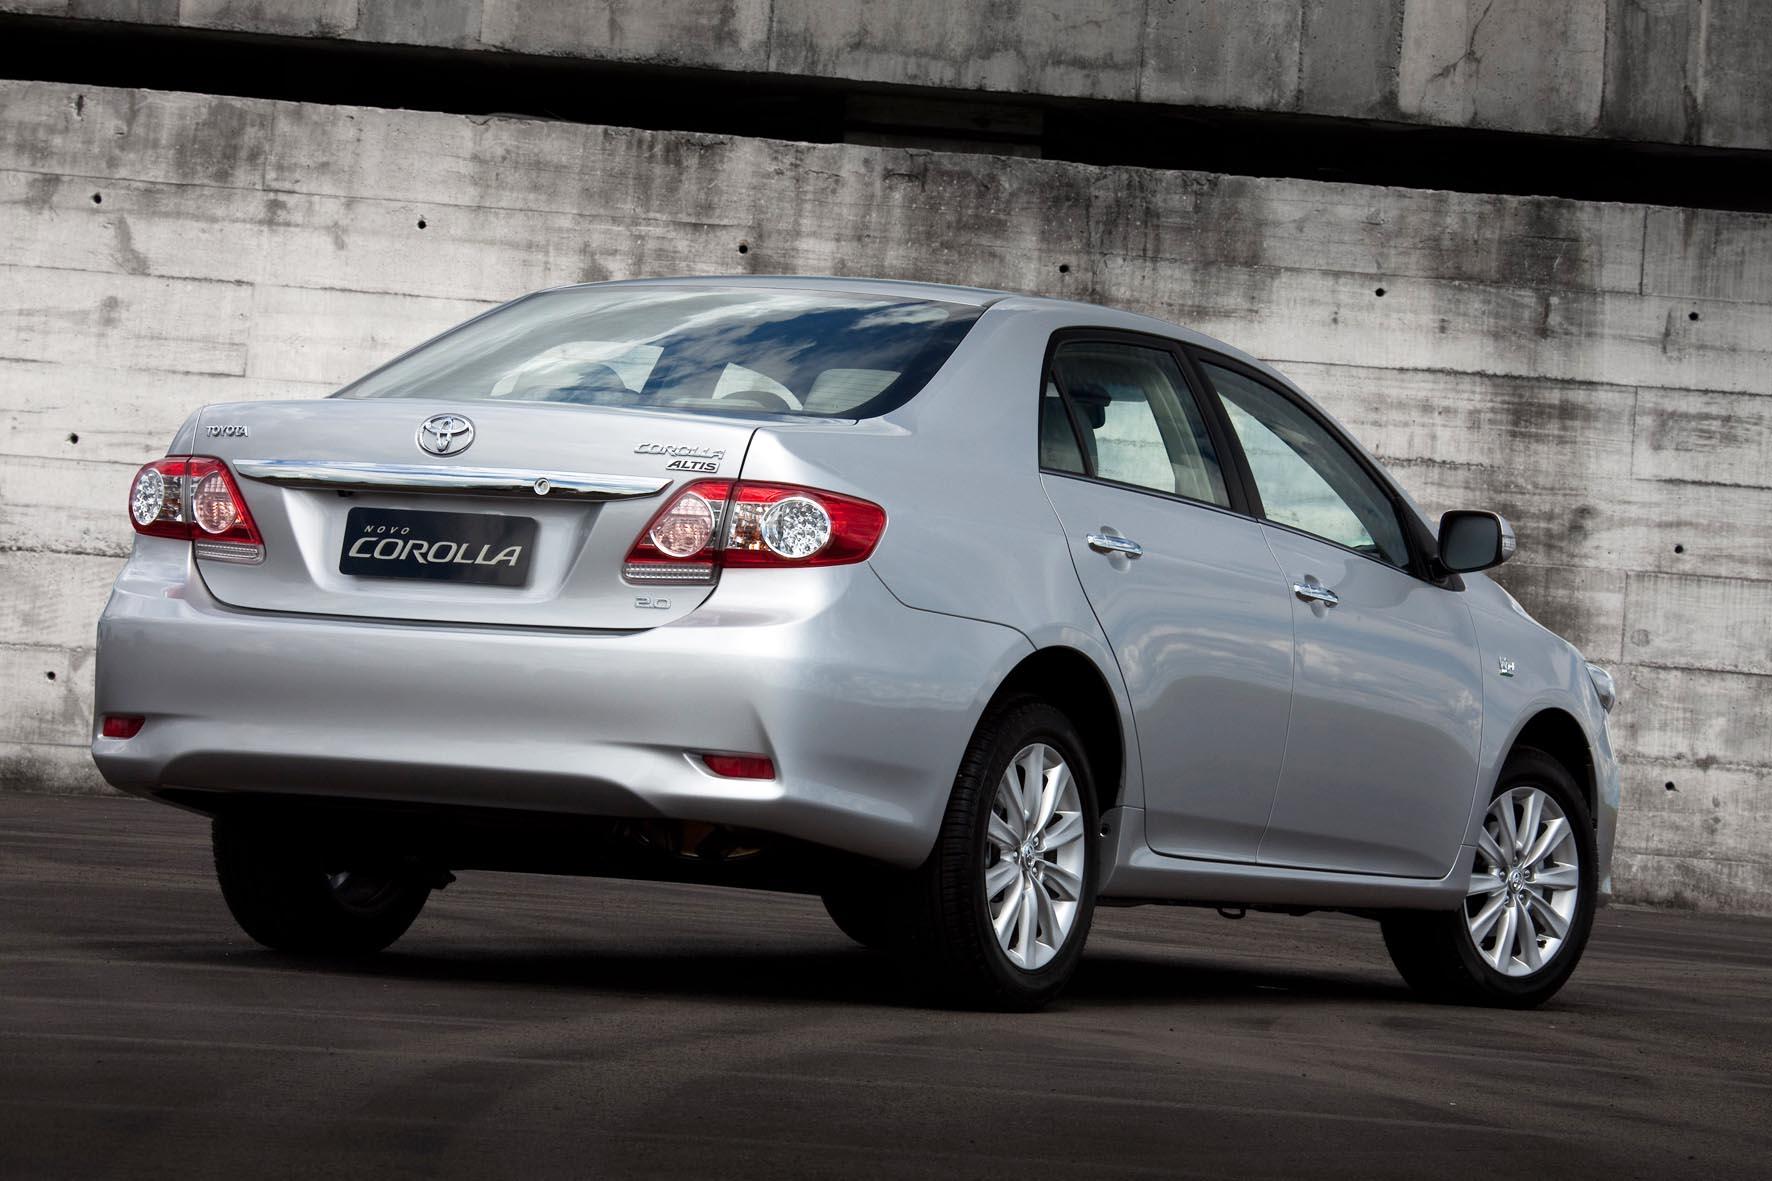 Corolla 2012 Tem Detalhes Revelados Pre 231 Os Partem De R 63 570 All The Cars